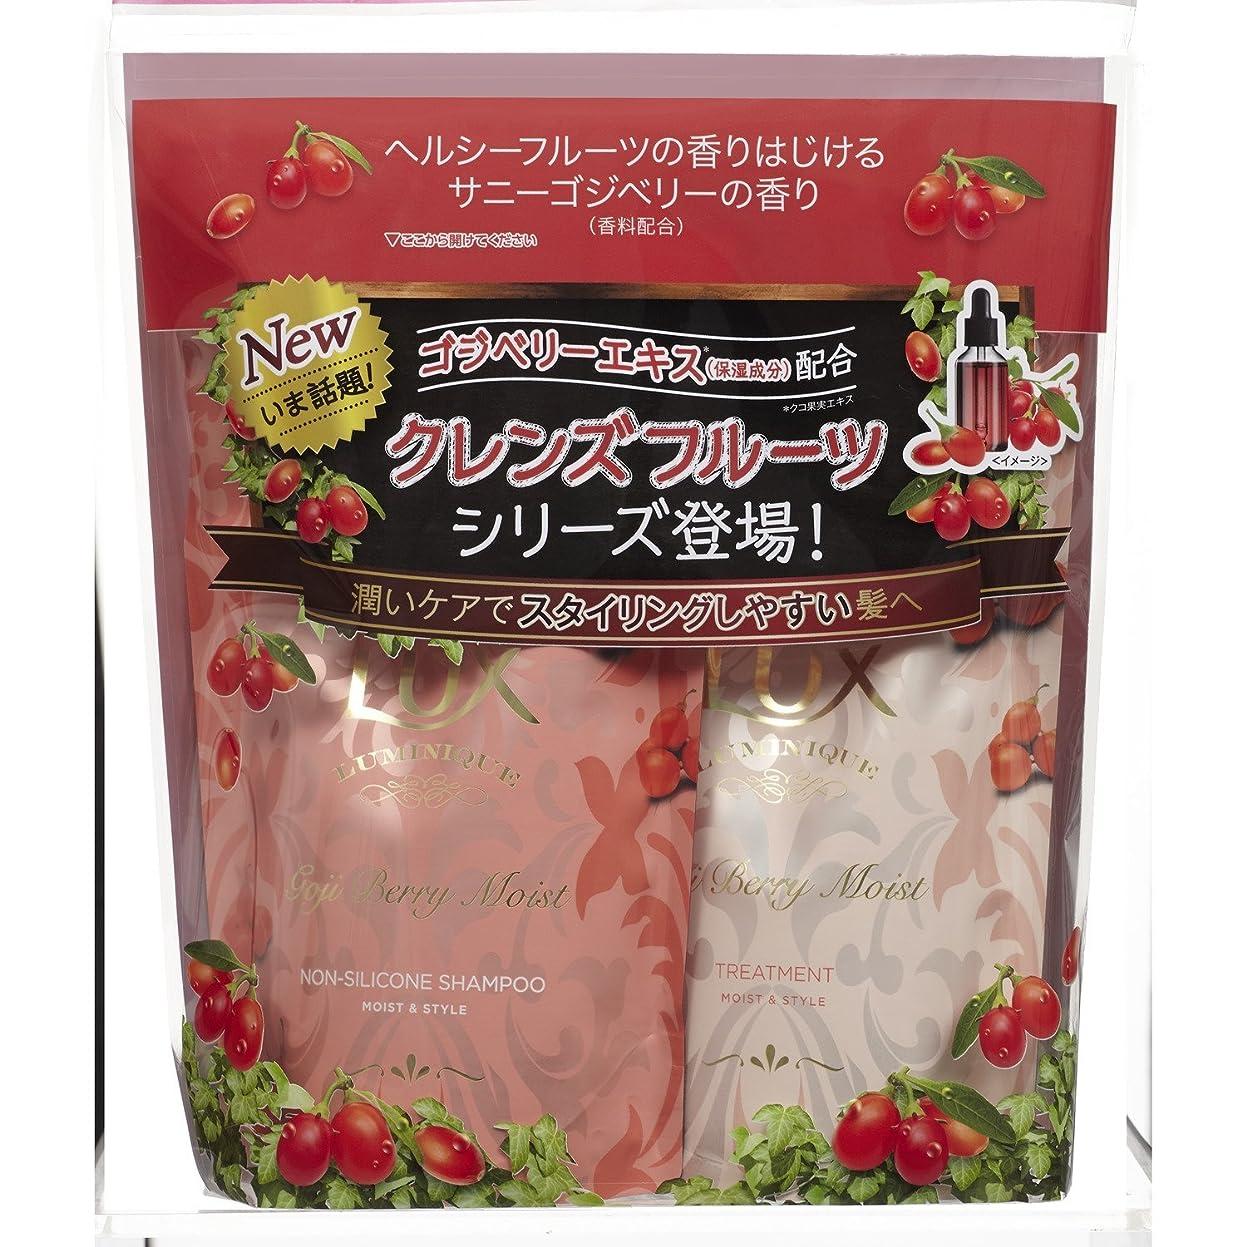 祖母欺活気づけるラックス ルミニーク ゴジベリーモイスト (サニーゴジベリーの香り) つめかえ用ペア 350g+350g